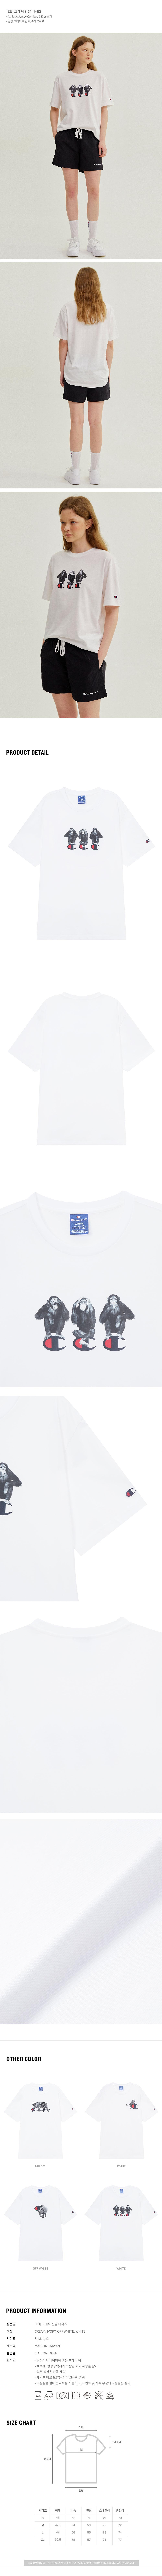 챔피온 유럽(CHAMPION EU) [EU] 그래픽 반팔 티셔츠 (WHITE) CKTS1E440WT